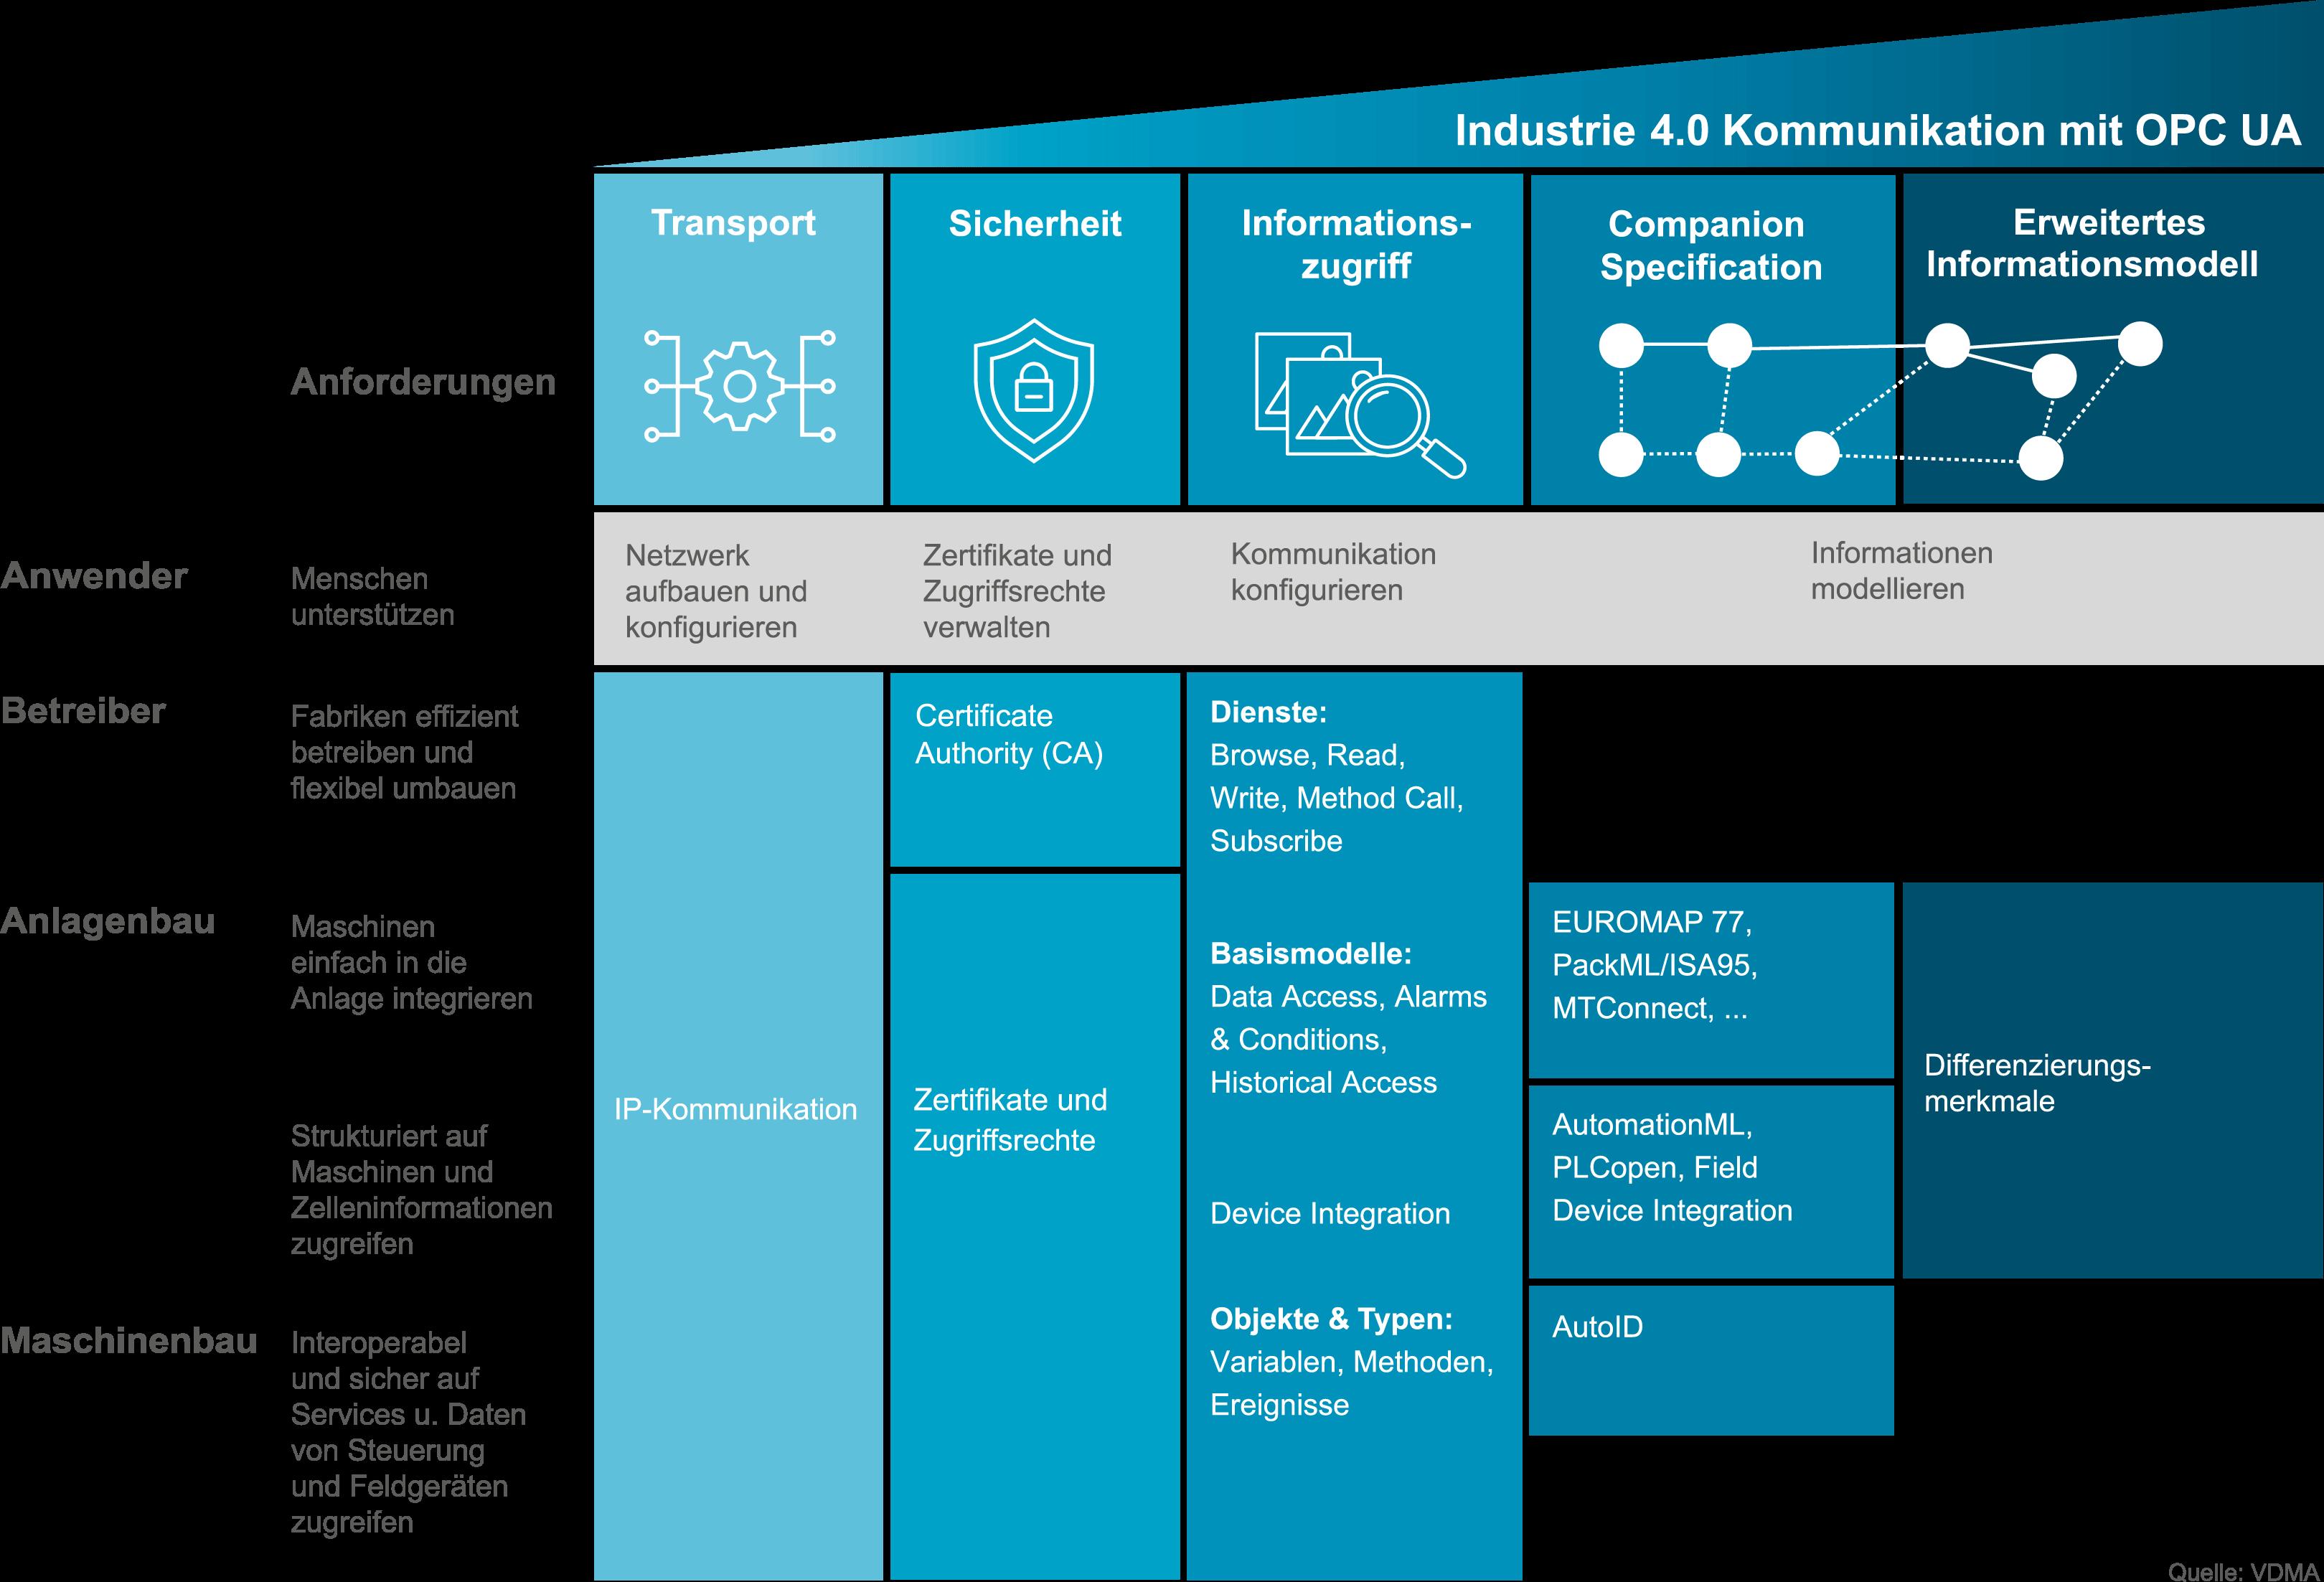 Grafik zeigt Industrie 4.0 Kommunikation mit OPC UA